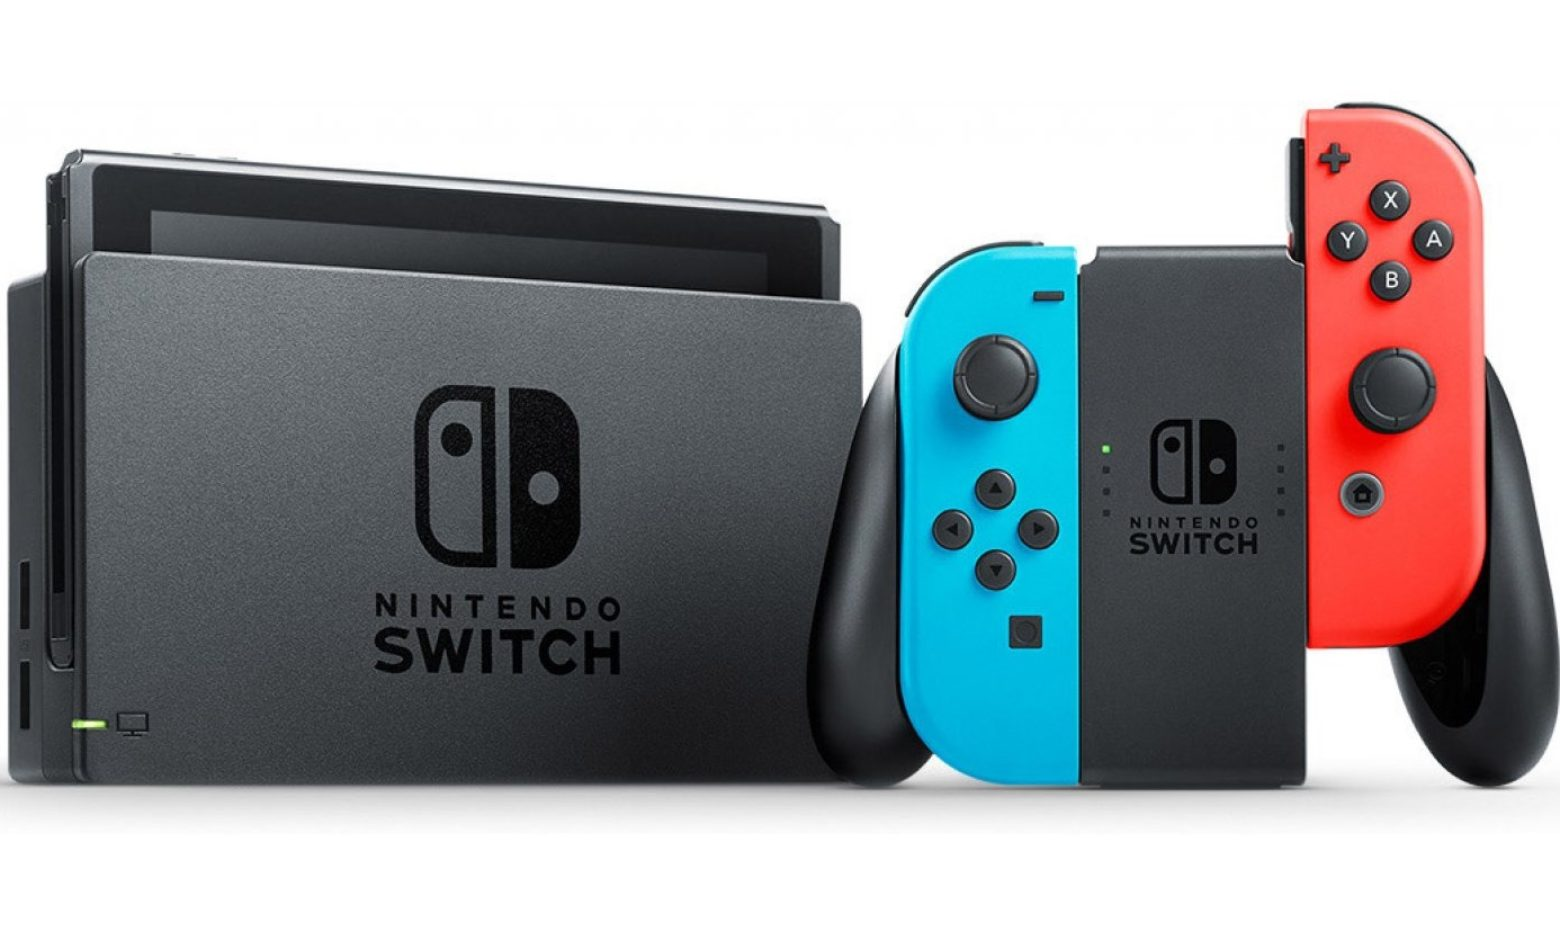 Mercado Livre suspende vendas do Nintendo Switch [ATUALIZADO]